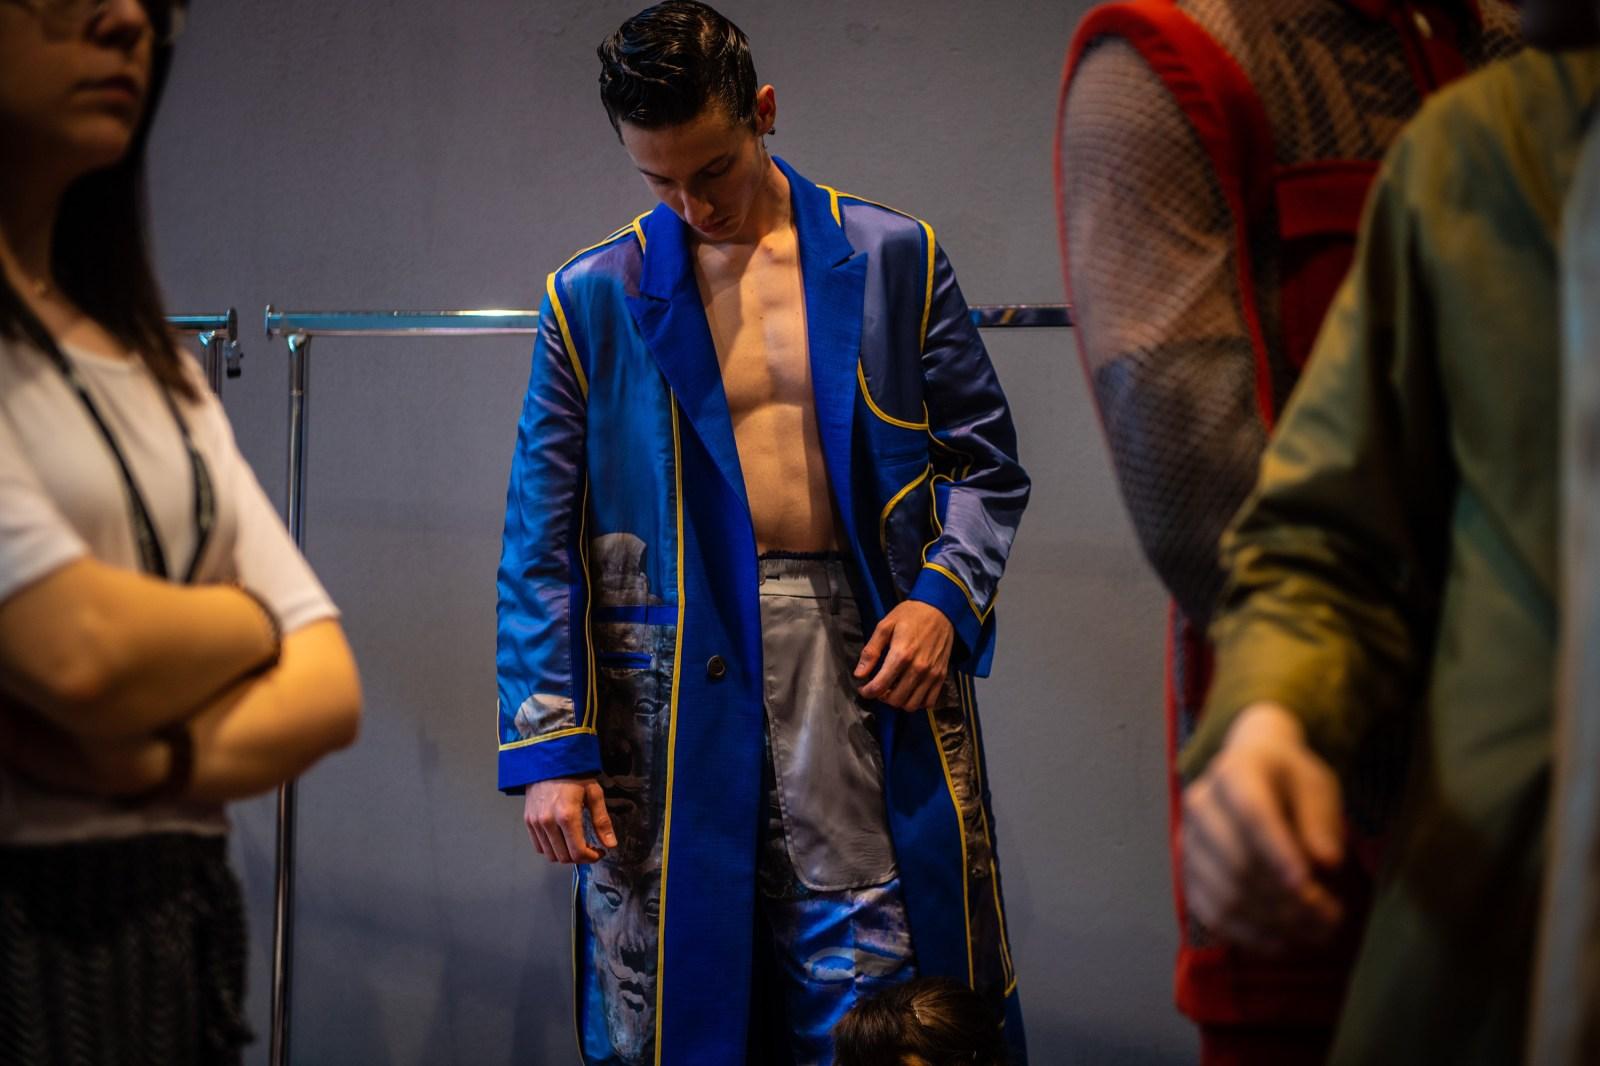 HYPEBEAST 直擊-第 96 屆 Pitti Uomo 男裝展六大亮點回顧